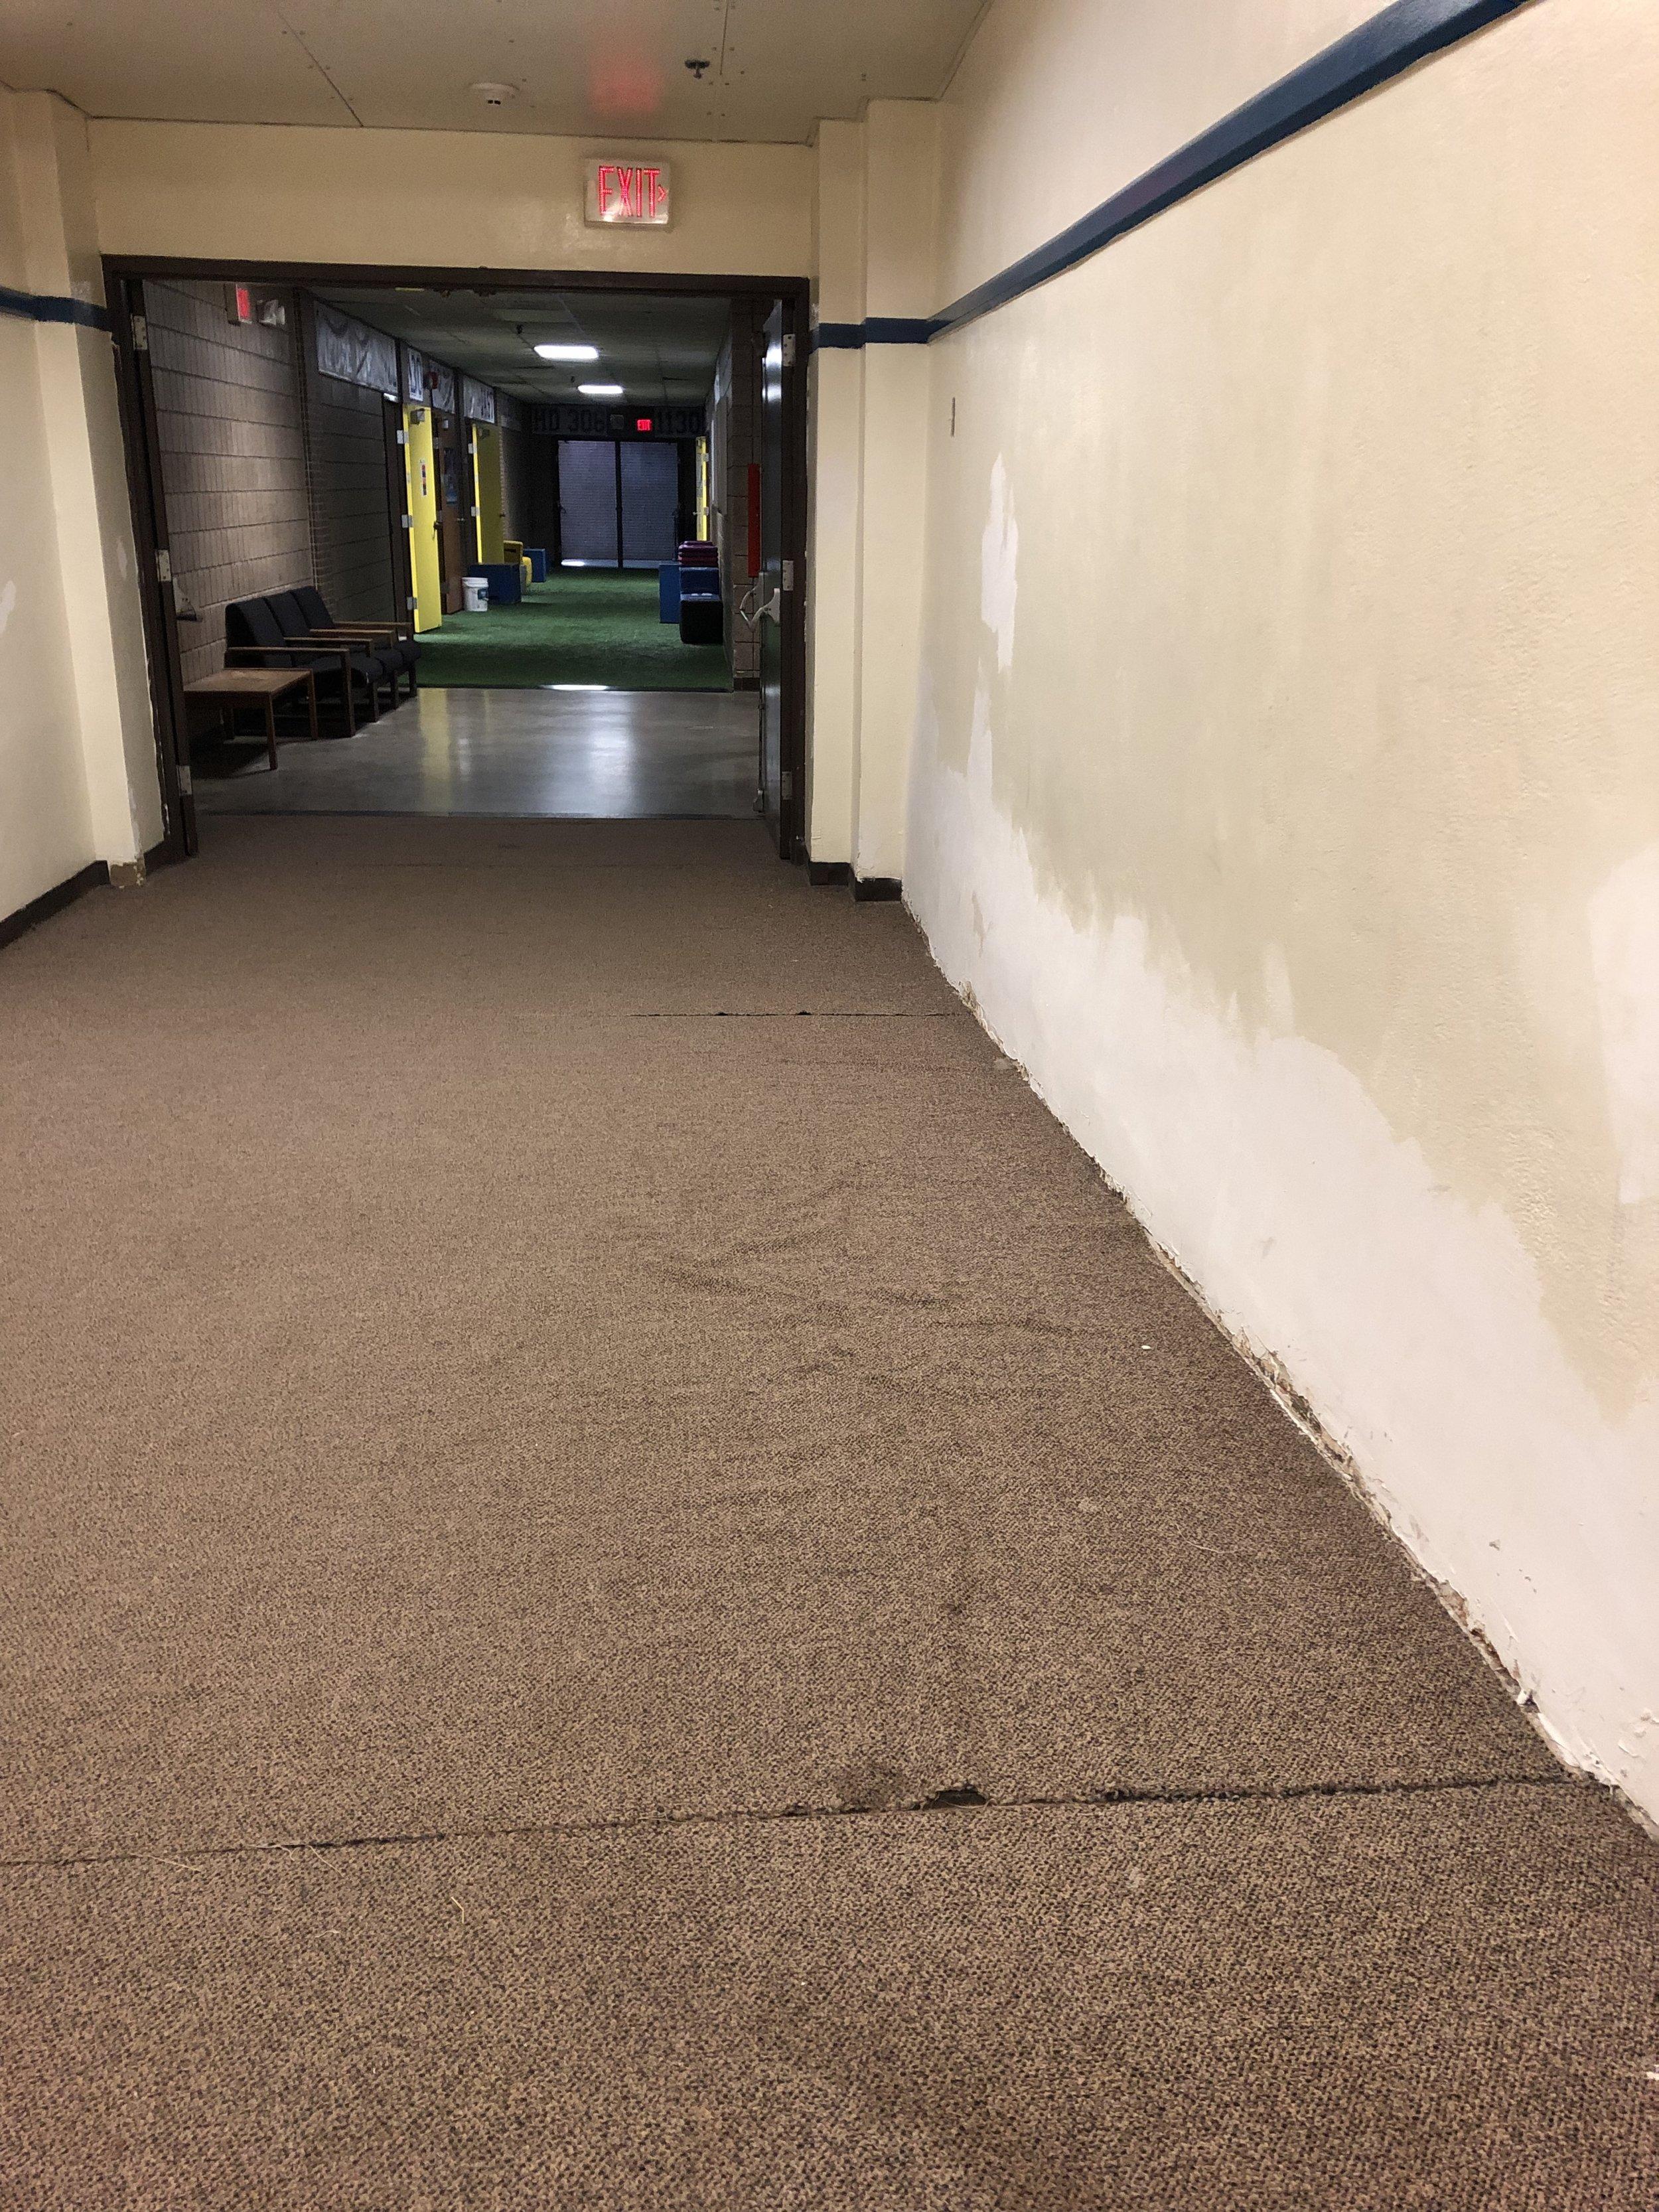 Basement Hallway to weightroom.jpg